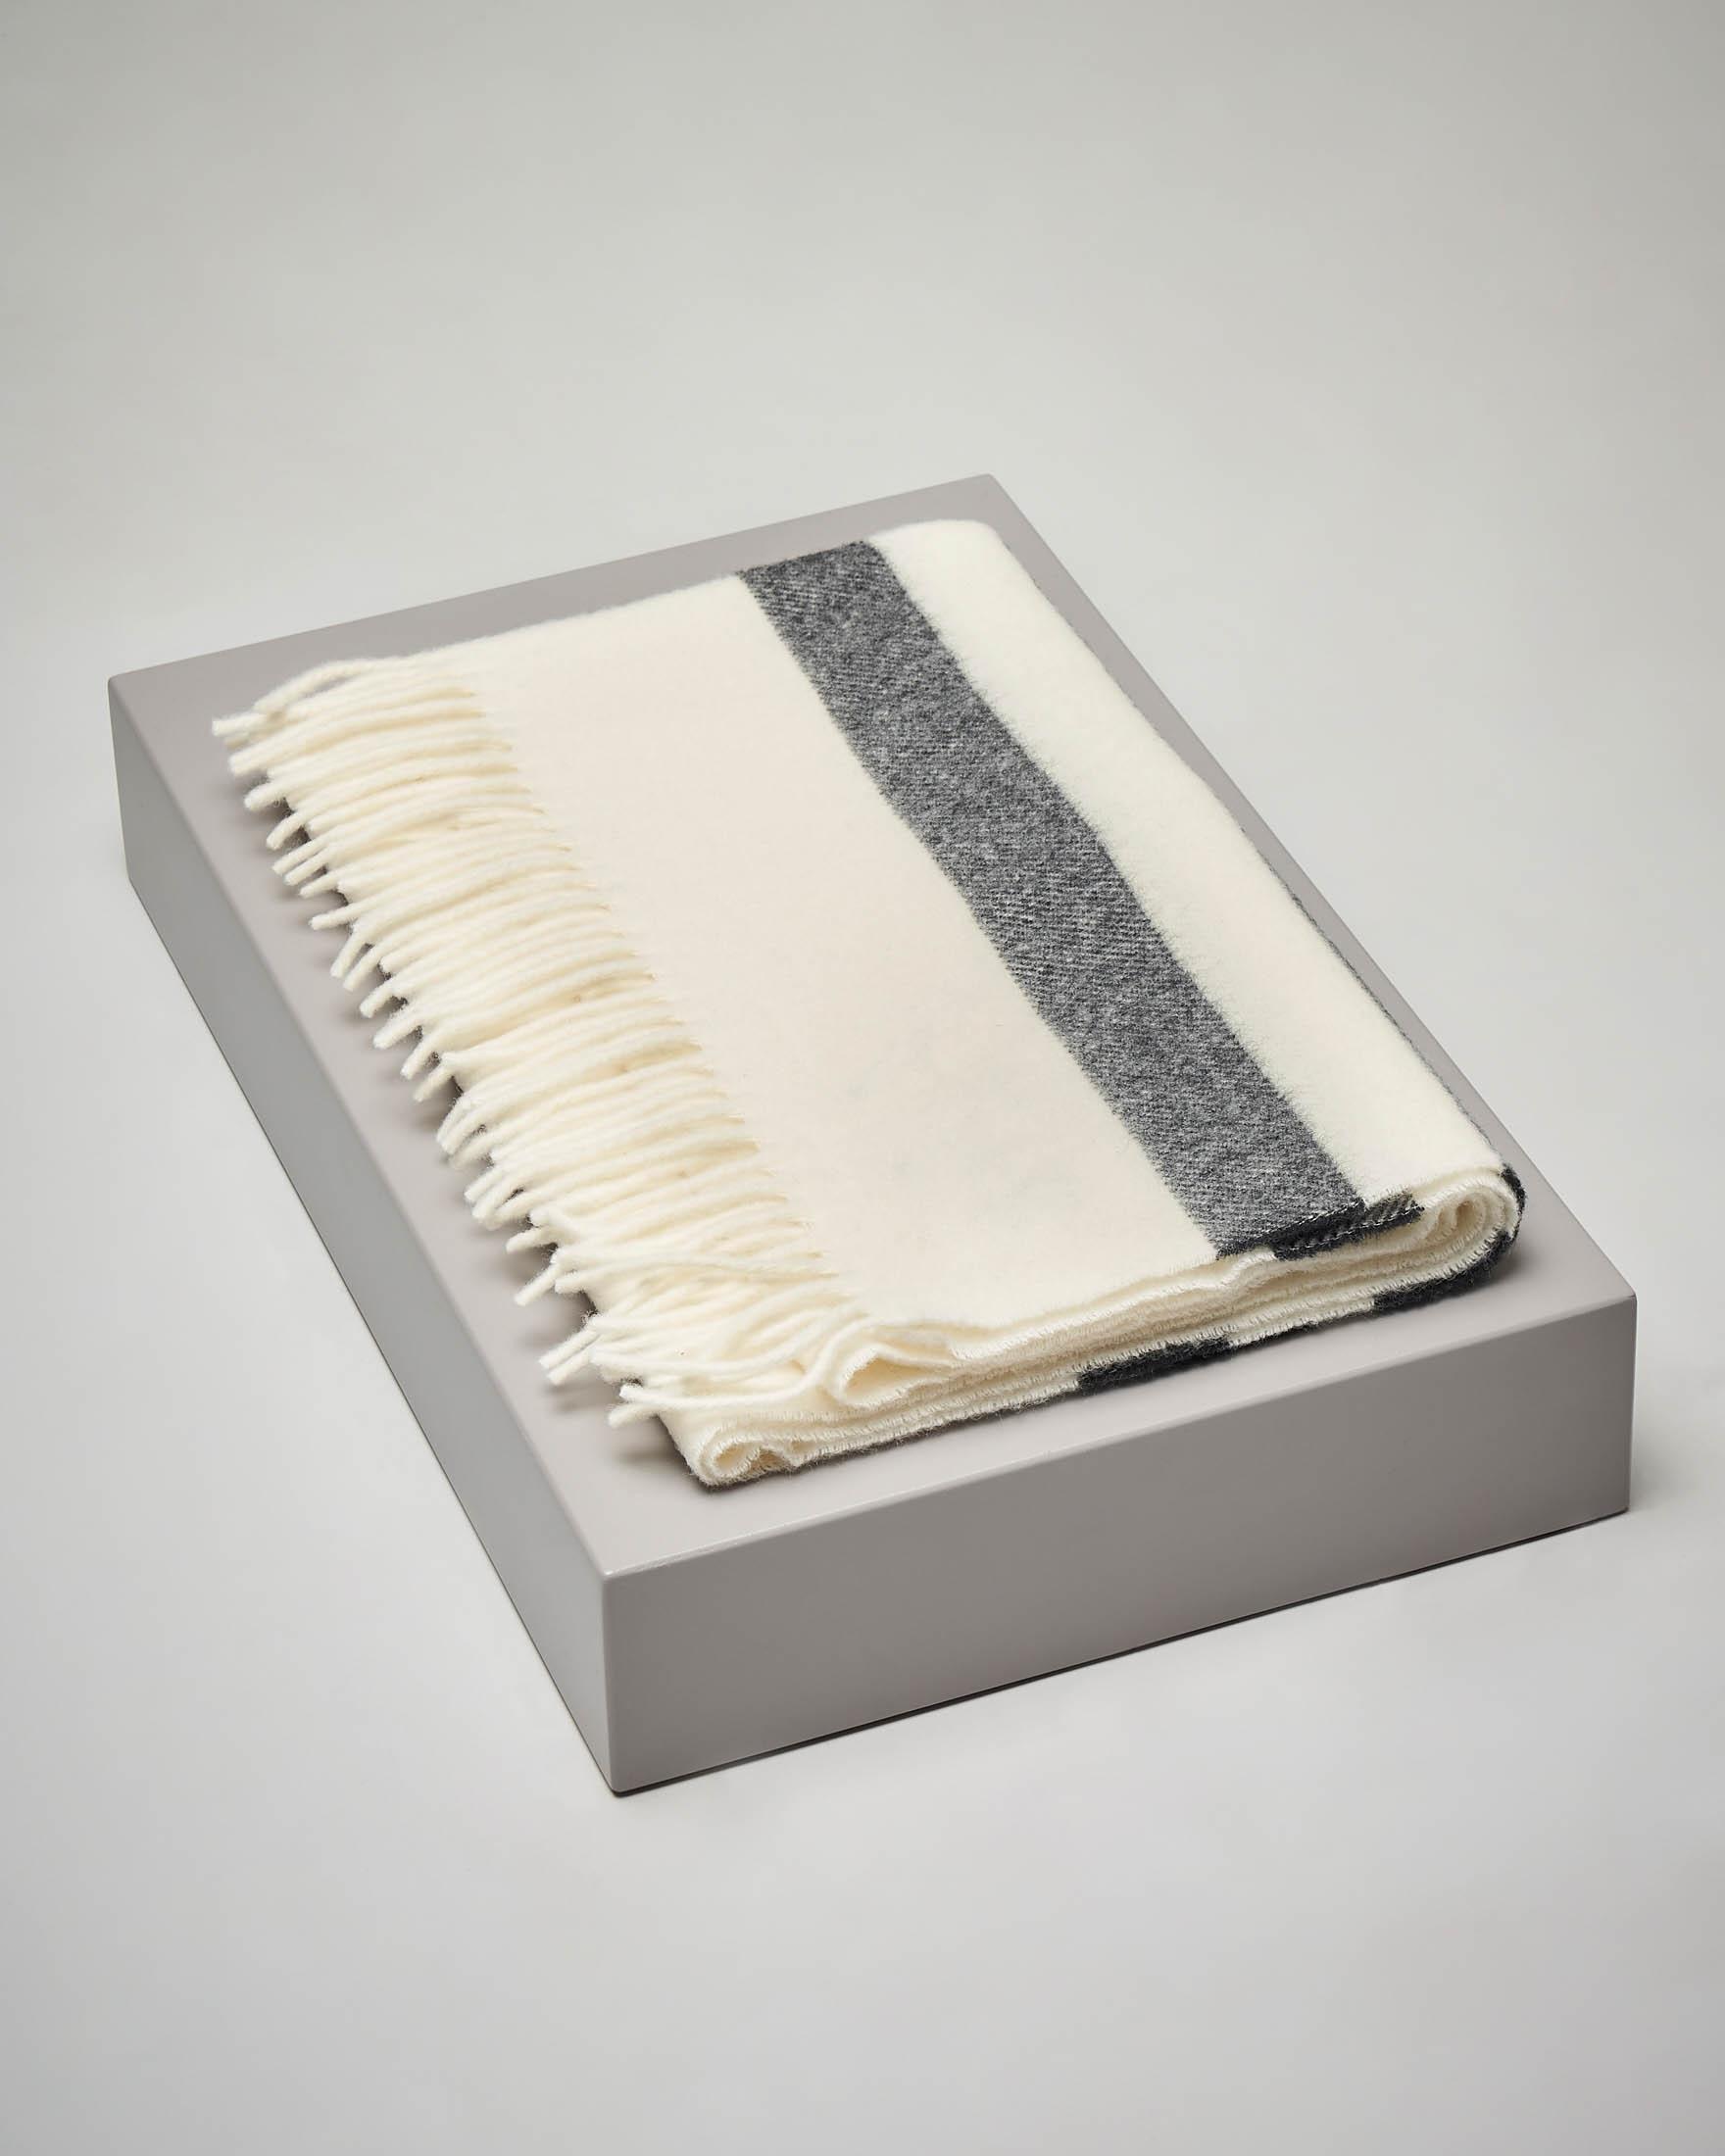 Sciarpa bianca in lana a righe nere con frange